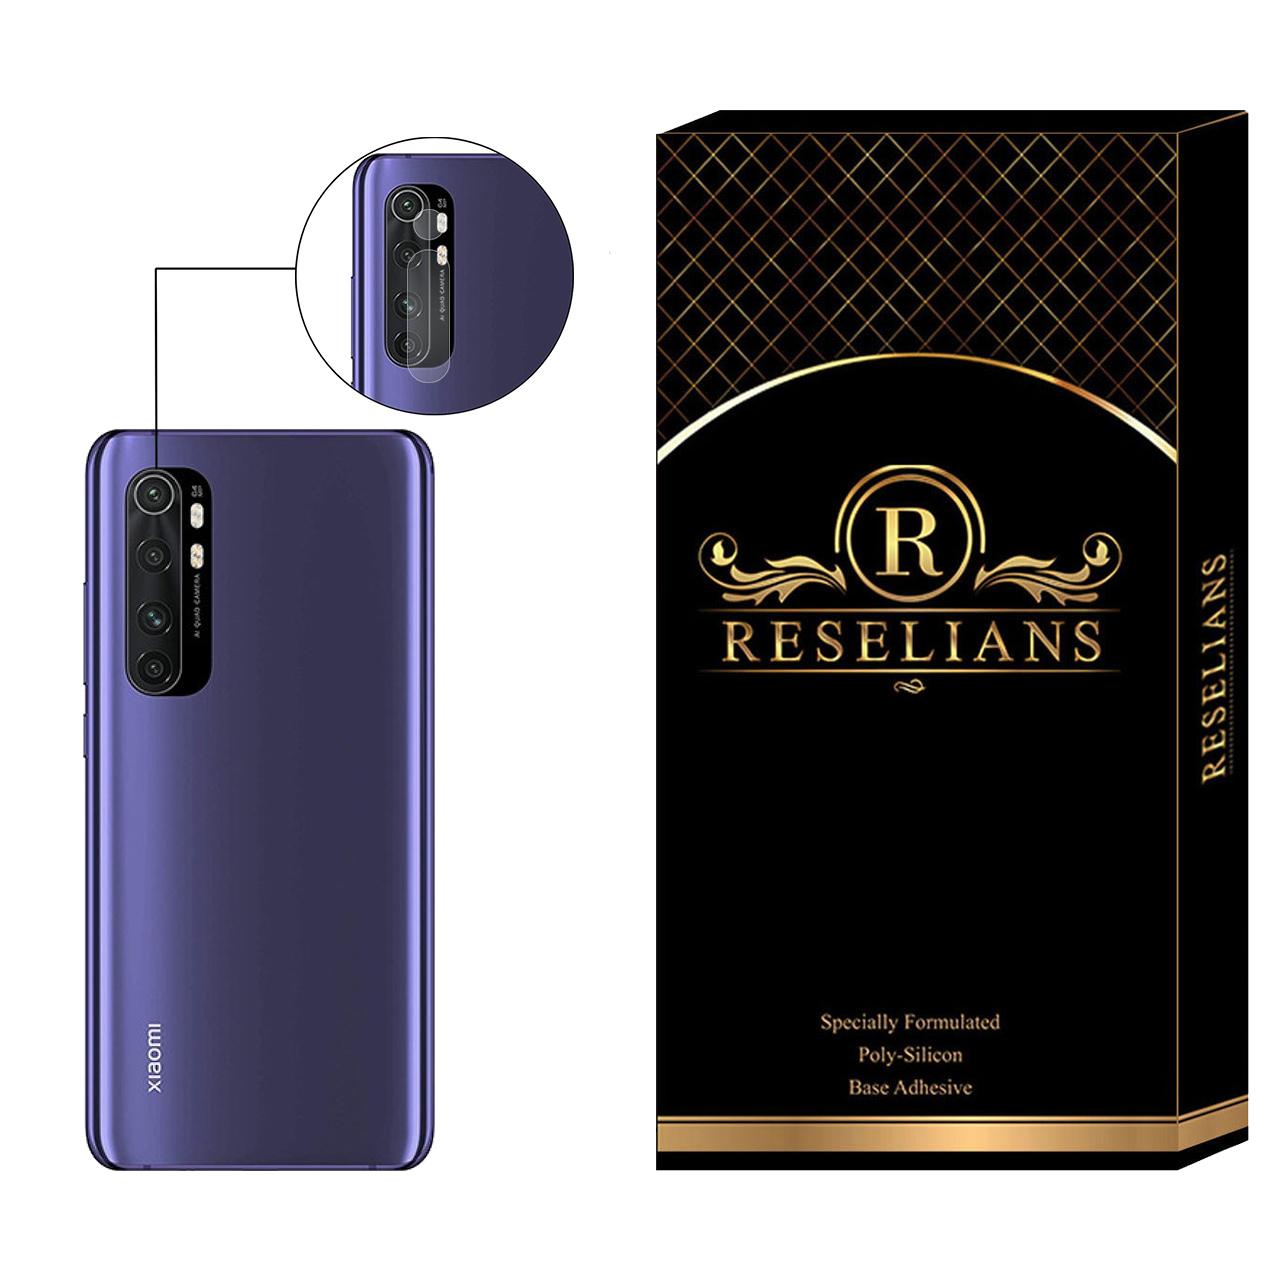 محافظ لنز دوربین رزلیانس مدل RLP مناسب برای گوشی موبایل شیائومی Mi Note 10 Lite